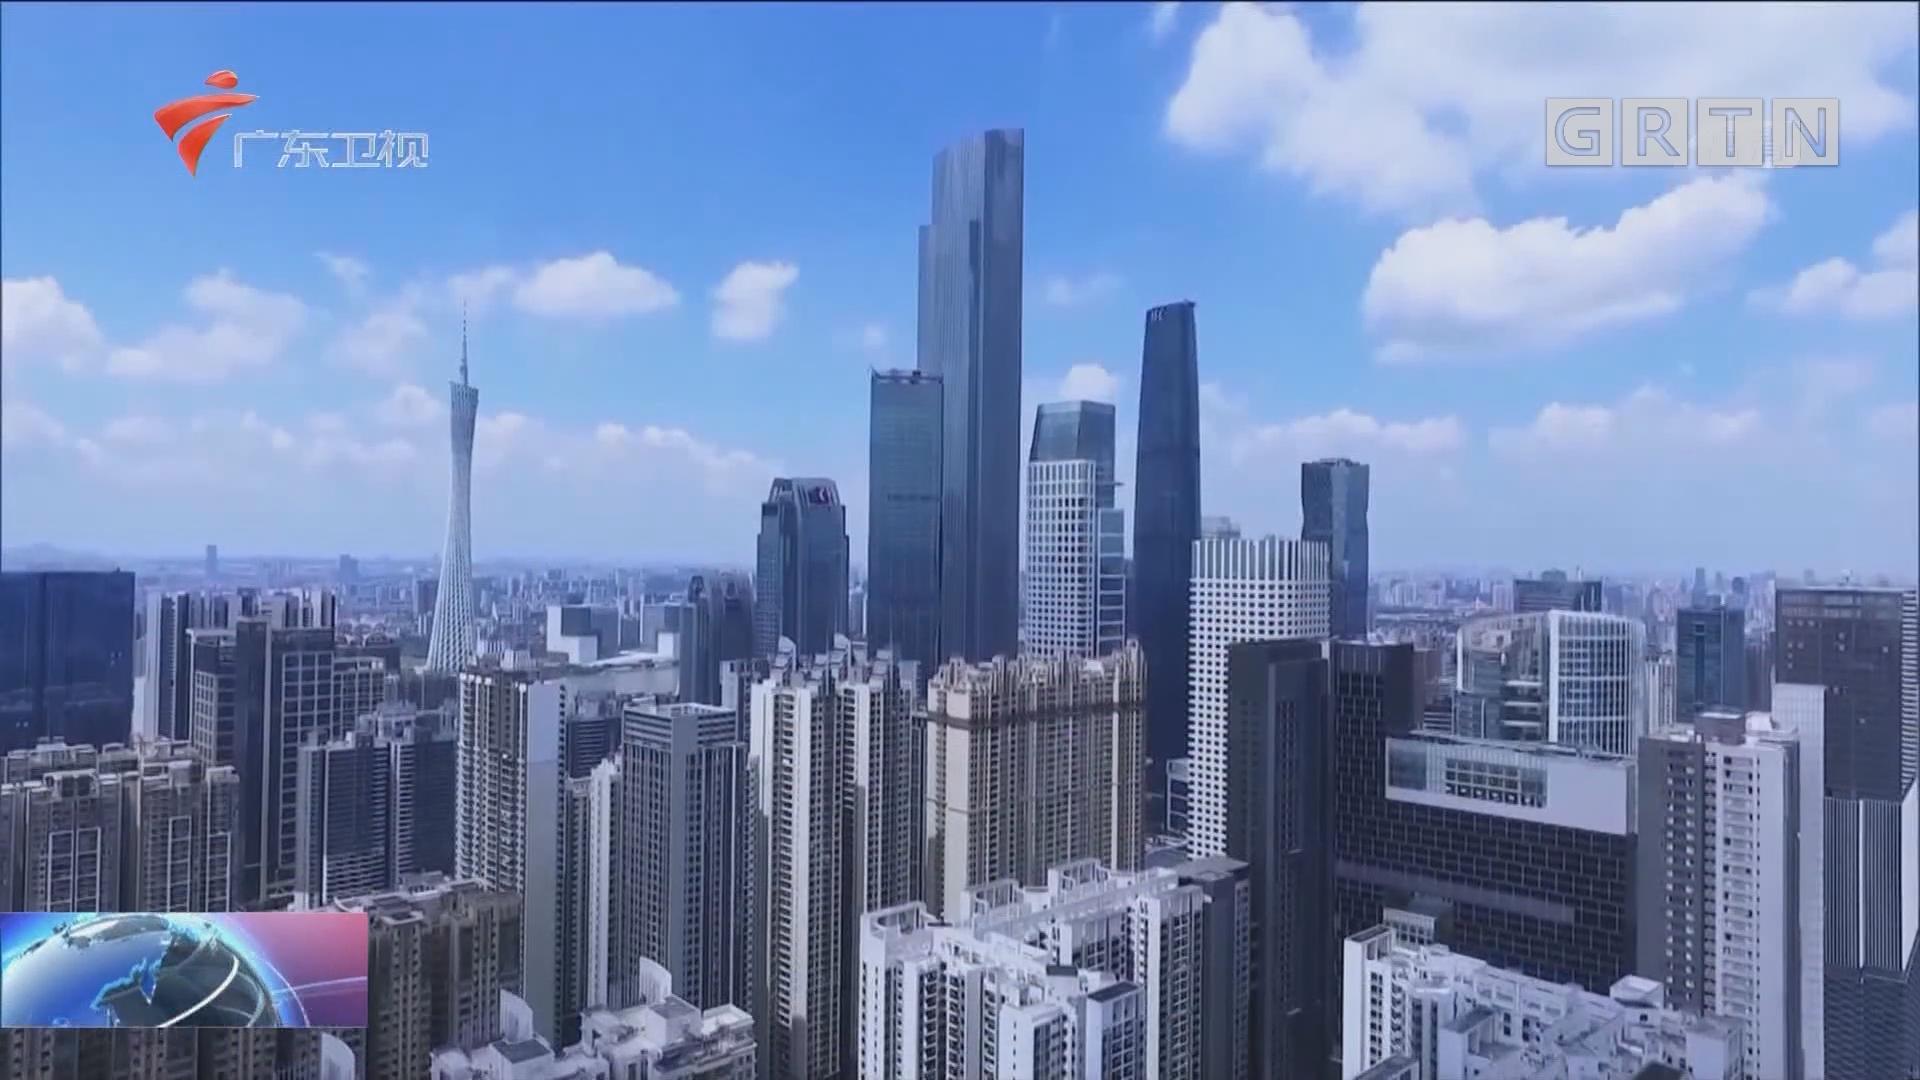 2019《财富》全球科技论坛今日在穗开幕 助推广州建设大湾区国际科技创新中心